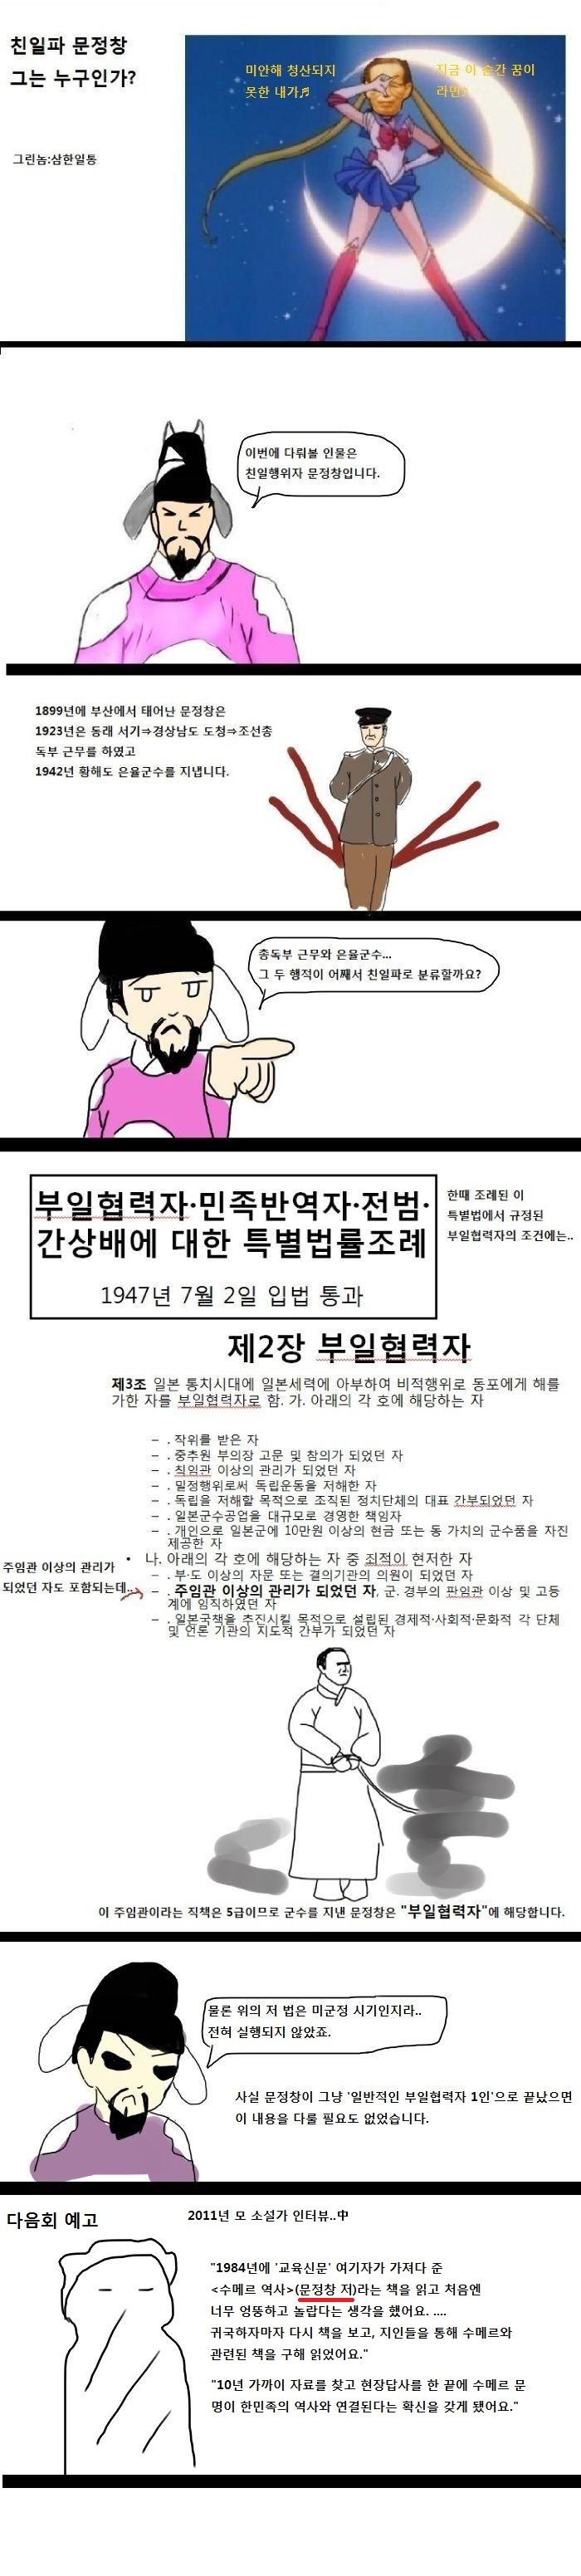 본격 교육만화]친일파 문정창 그는 누구인가?